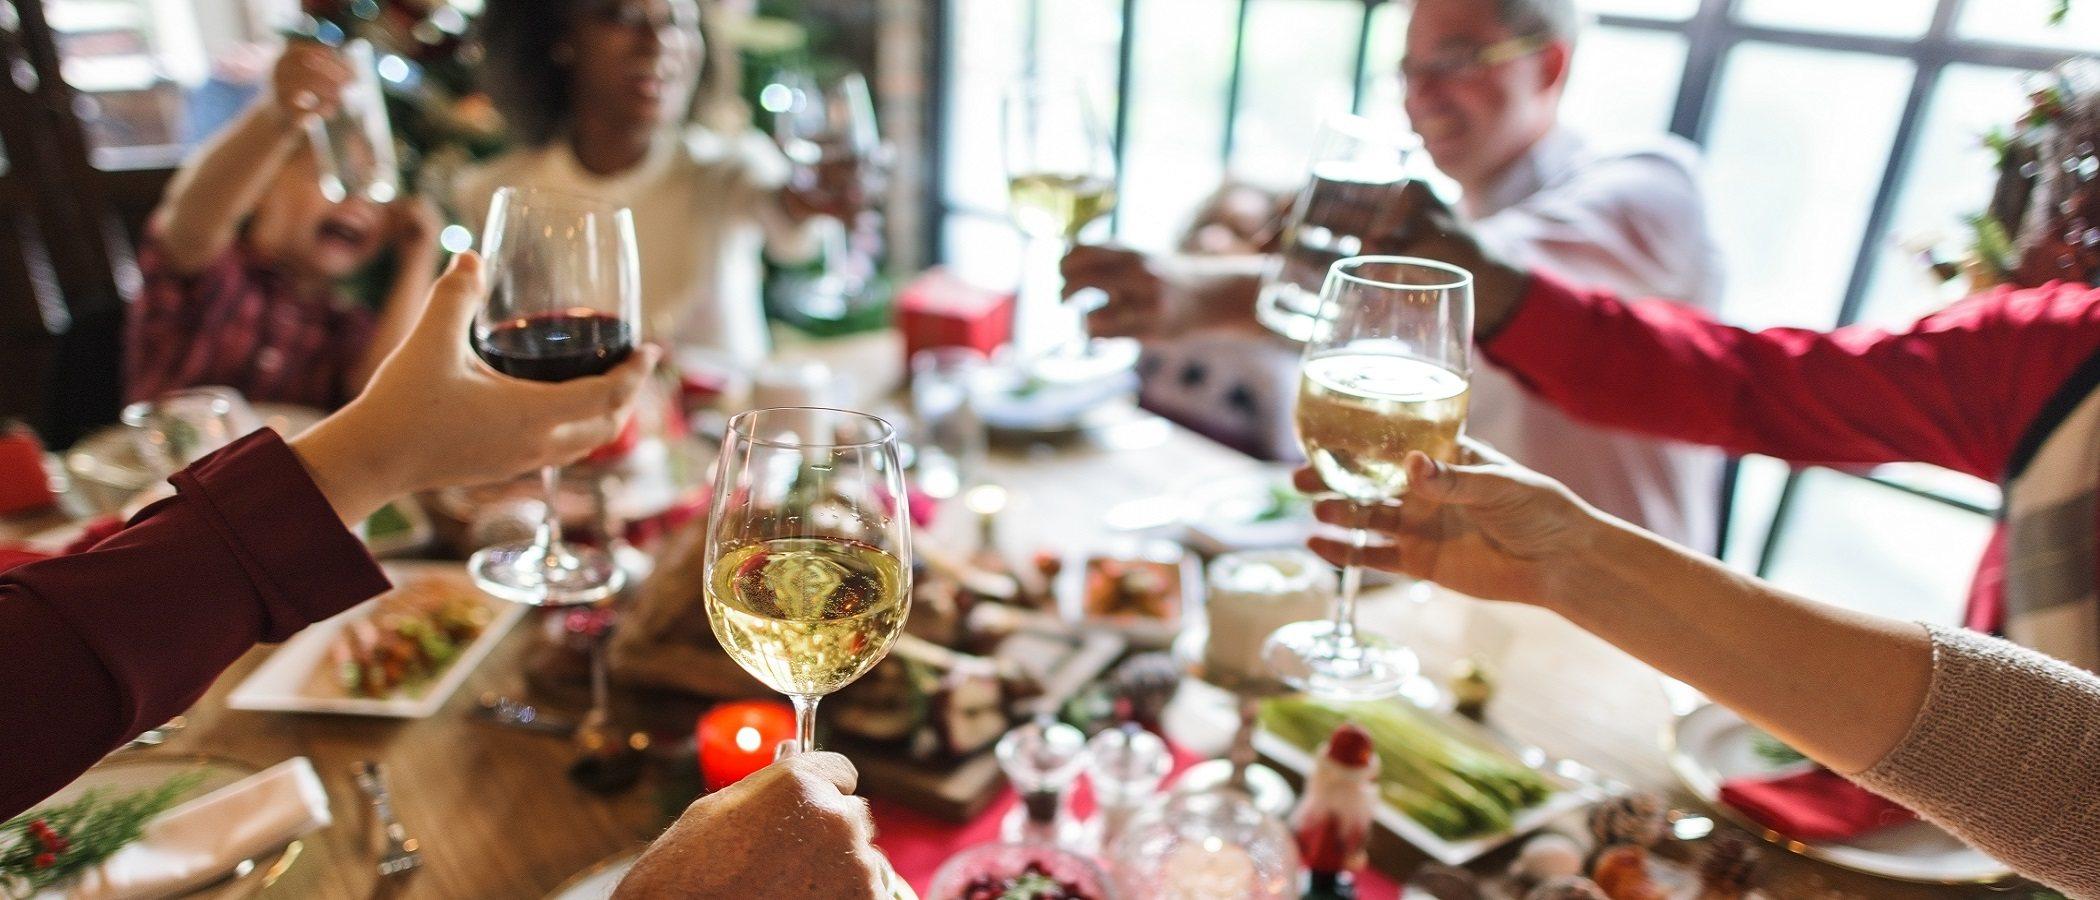 Cómo controlar los excesos en la dieta familiar en Navidad